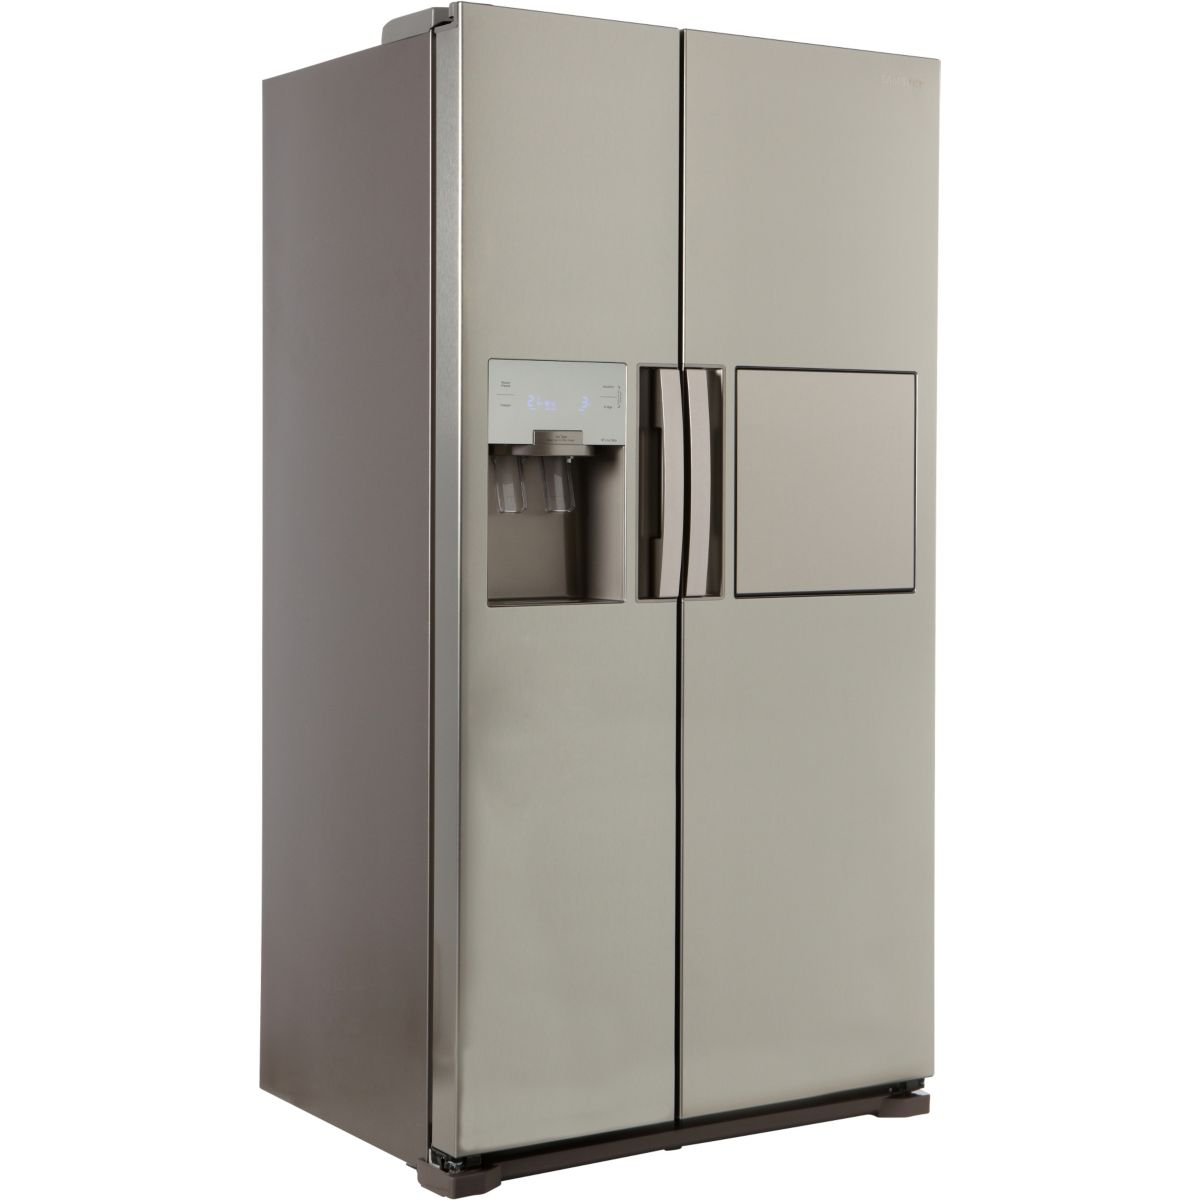 refrigerateurs samsung en promo ou en soldes 65 discount total. Black Bedroom Furniture Sets. Home Design Ideas